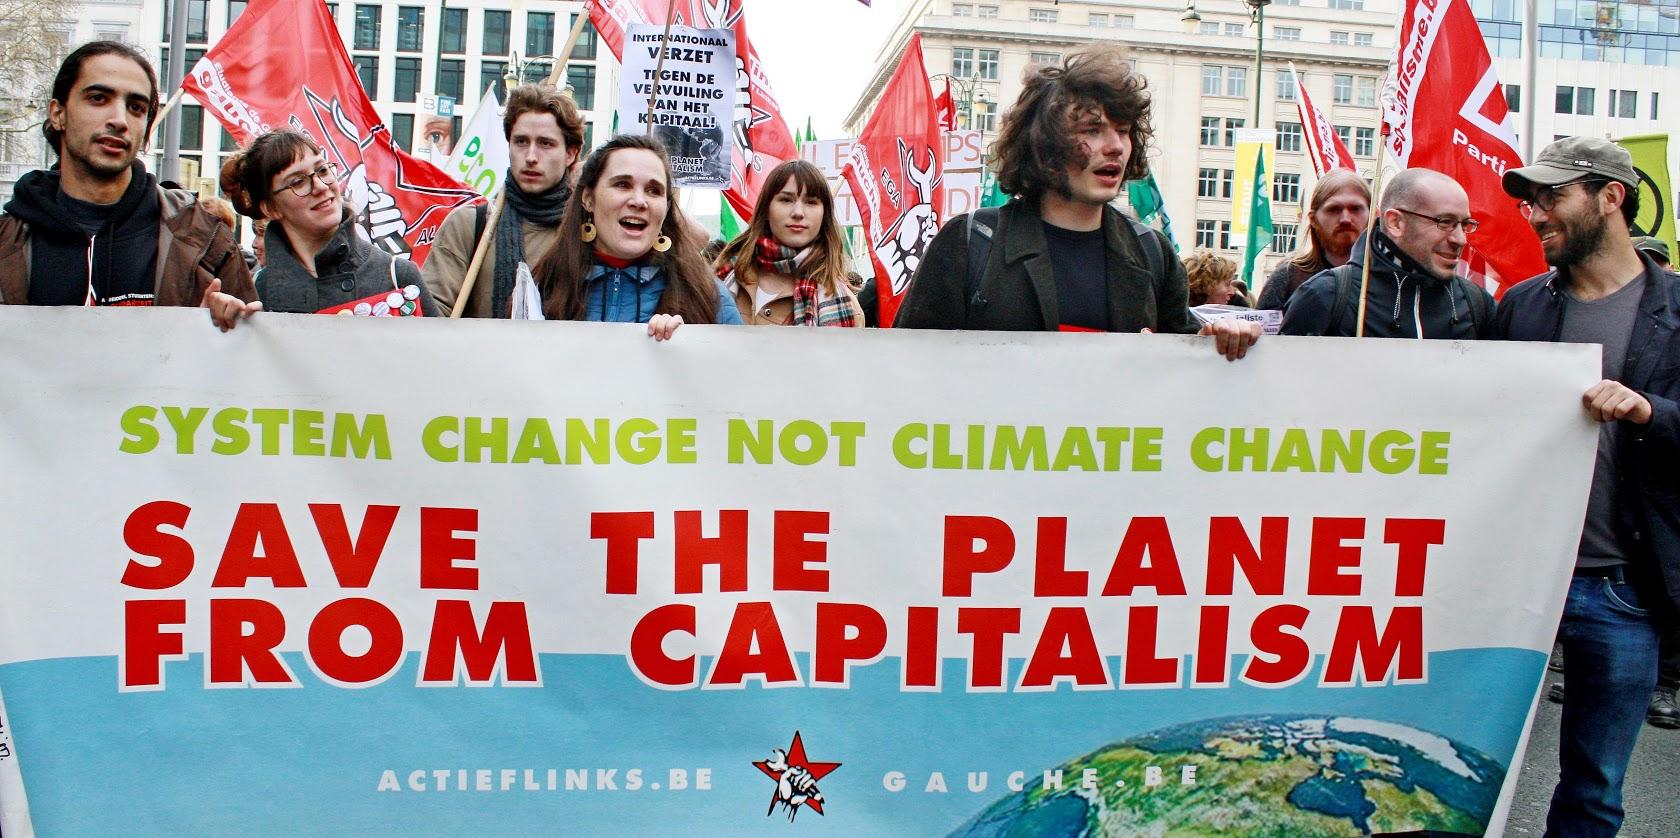 Strijd voor leefbare planeet is internationaal!